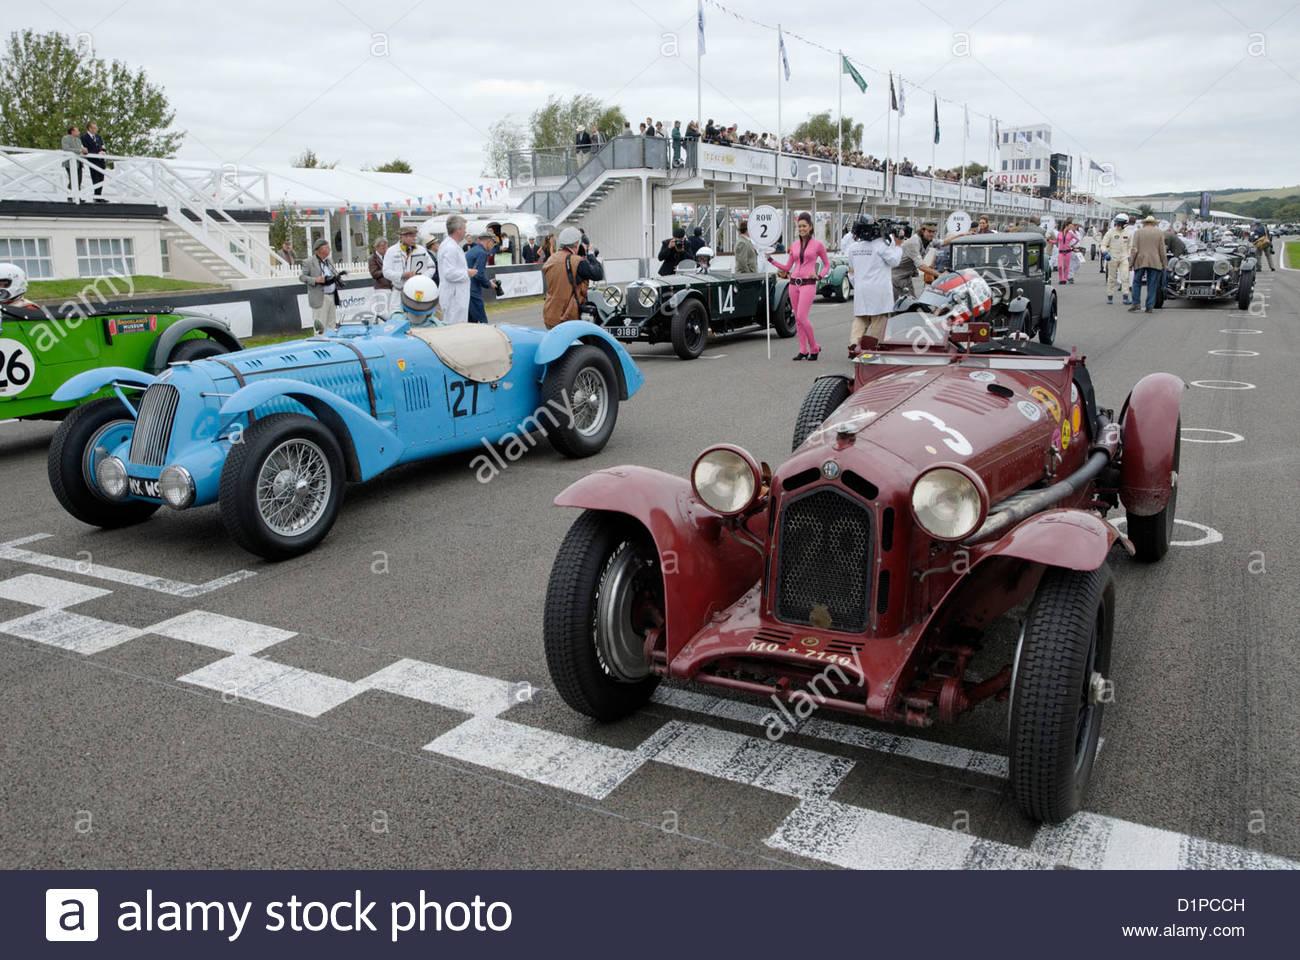 Alfa Romeo 8 c 2300 Monza und Talbot-Lago Typ 26SS an der Startline für die Brooklands-Trophy in Goodwood Revival Stockbild